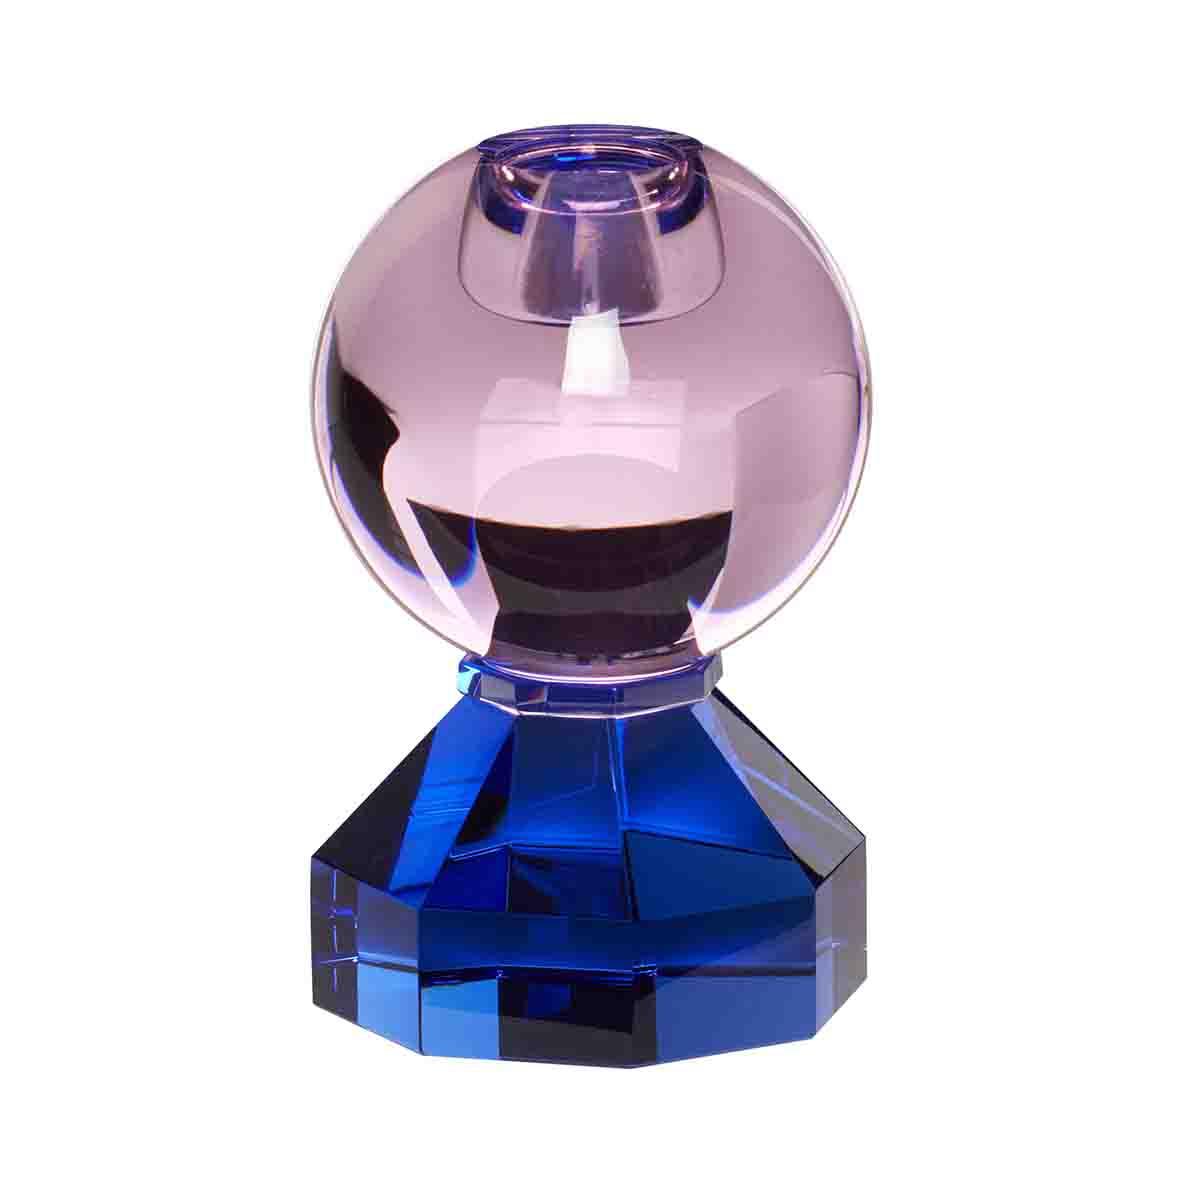 Image of Hübsch lysestage i krystal - blå og pink